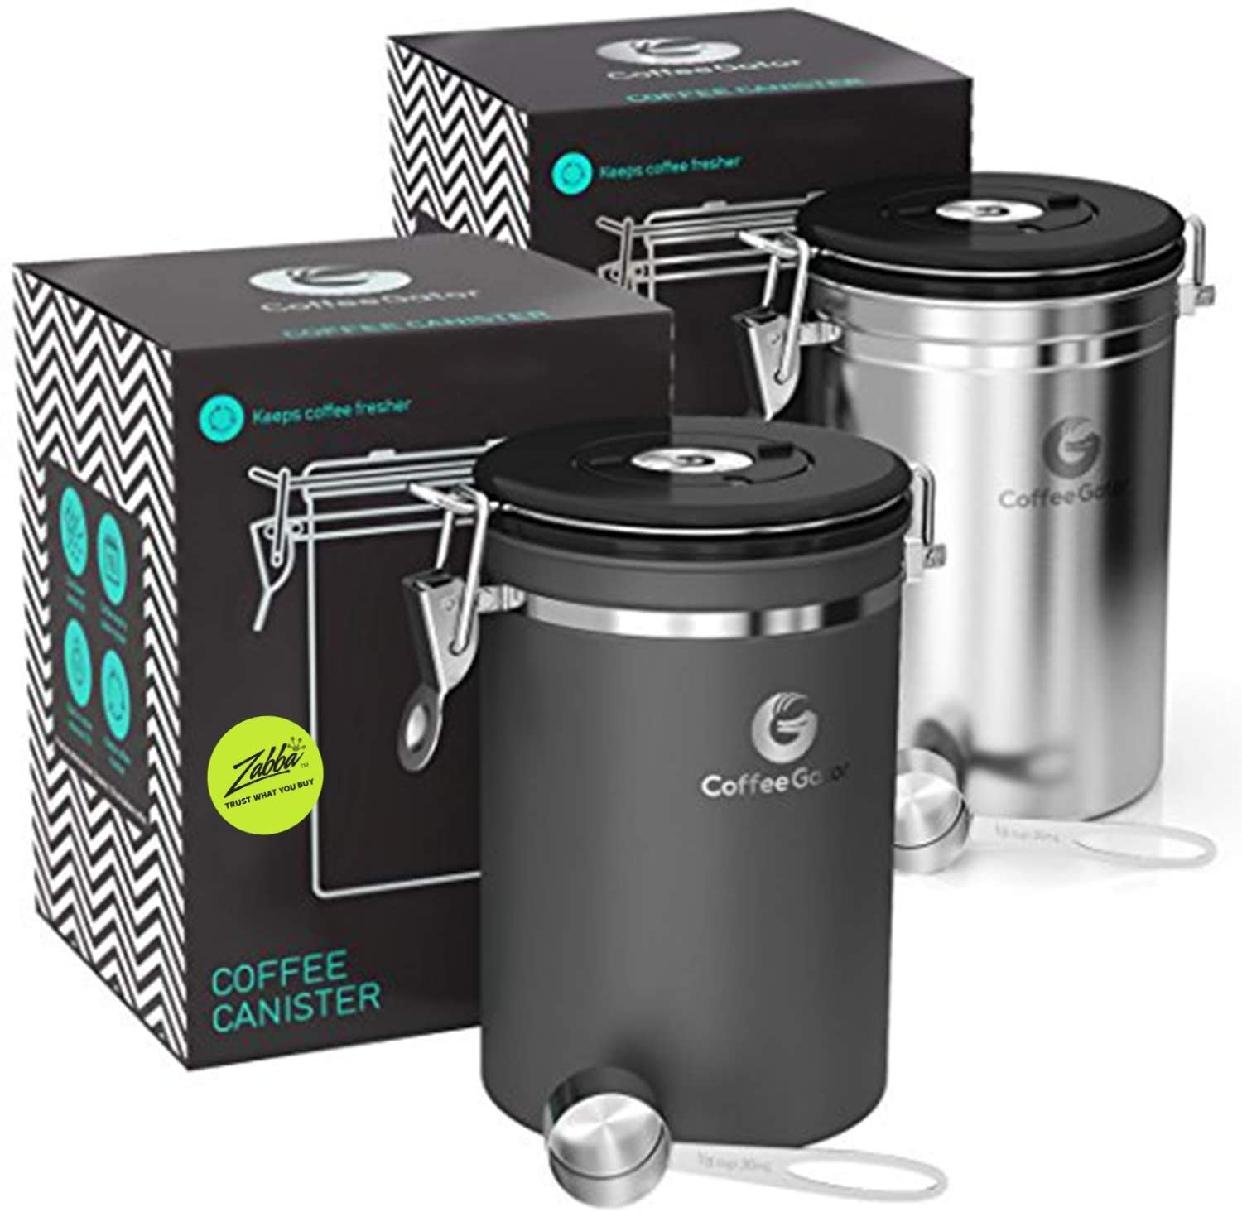 Coffee Gator(コーヒーゲーター) ステンレススチール コーヒーキャニスター 2-packの商品画像